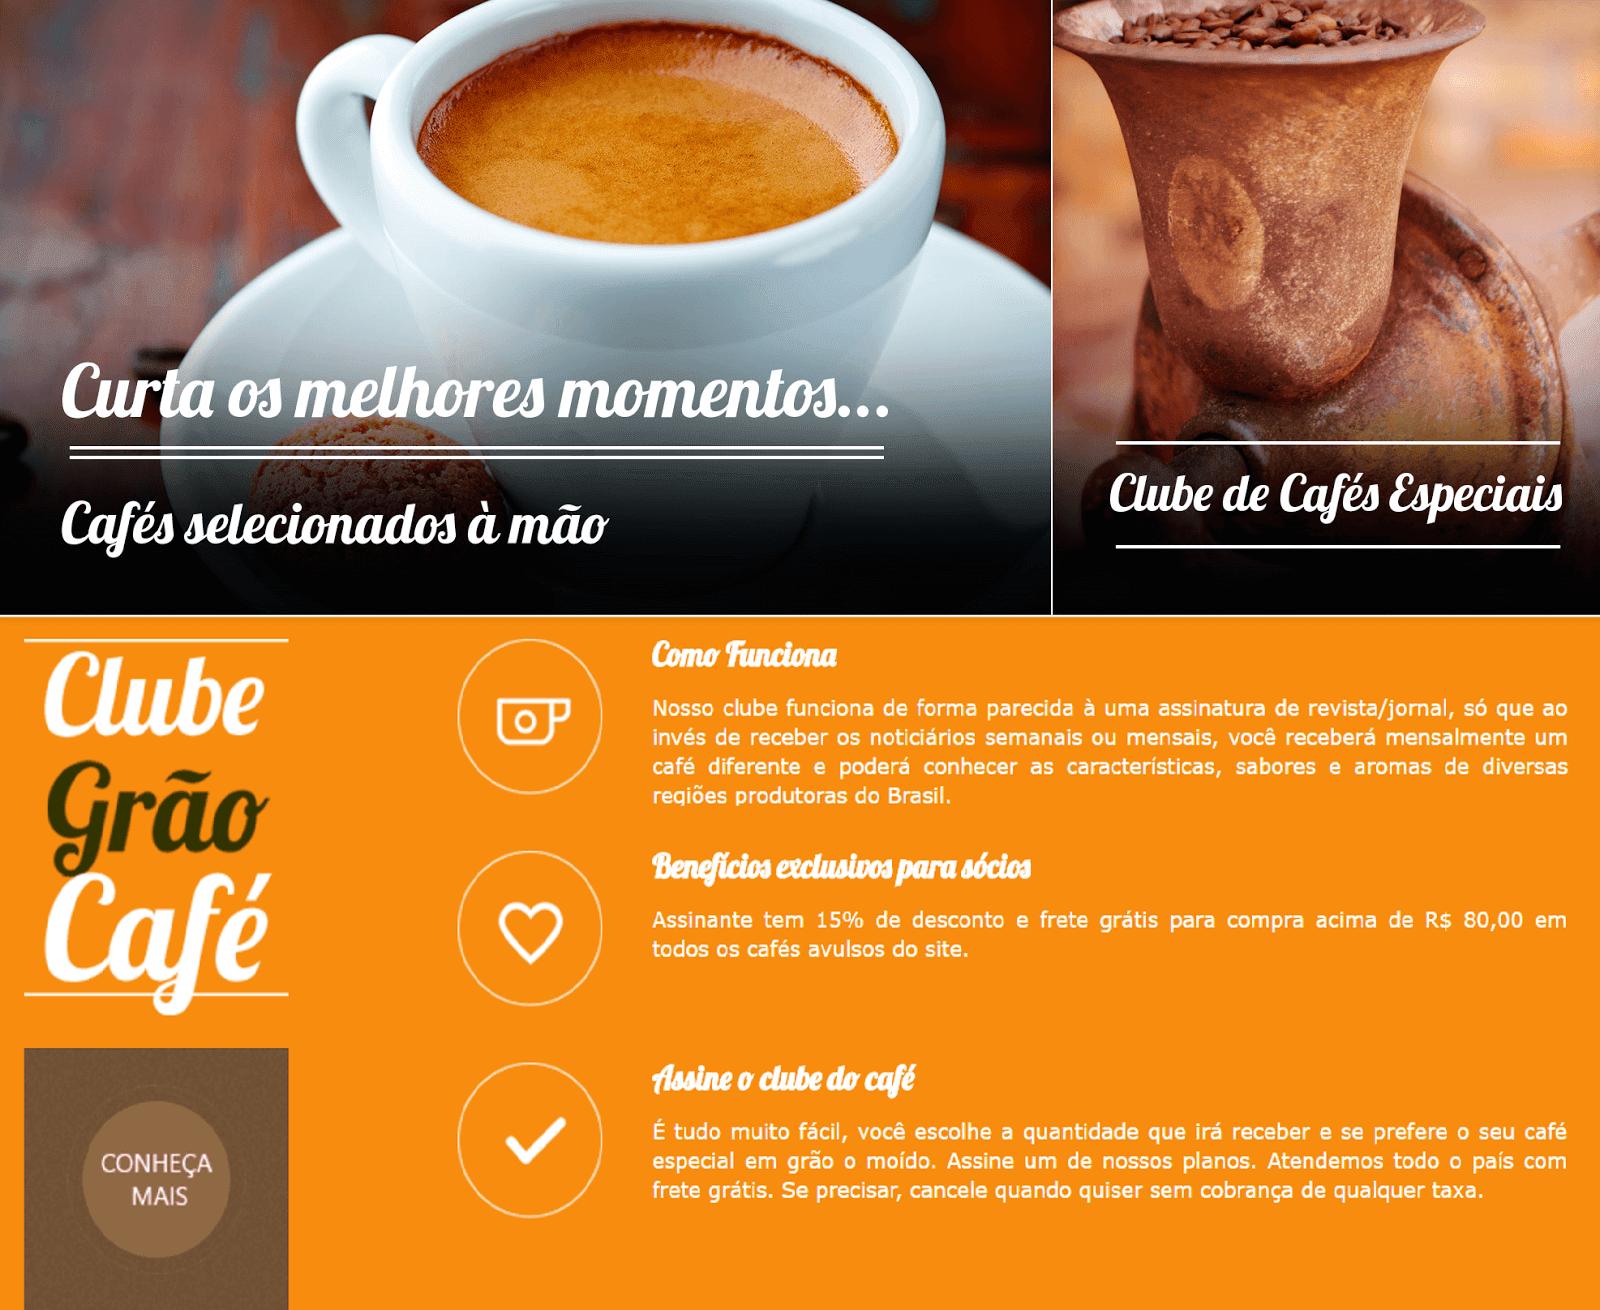 Resenha café